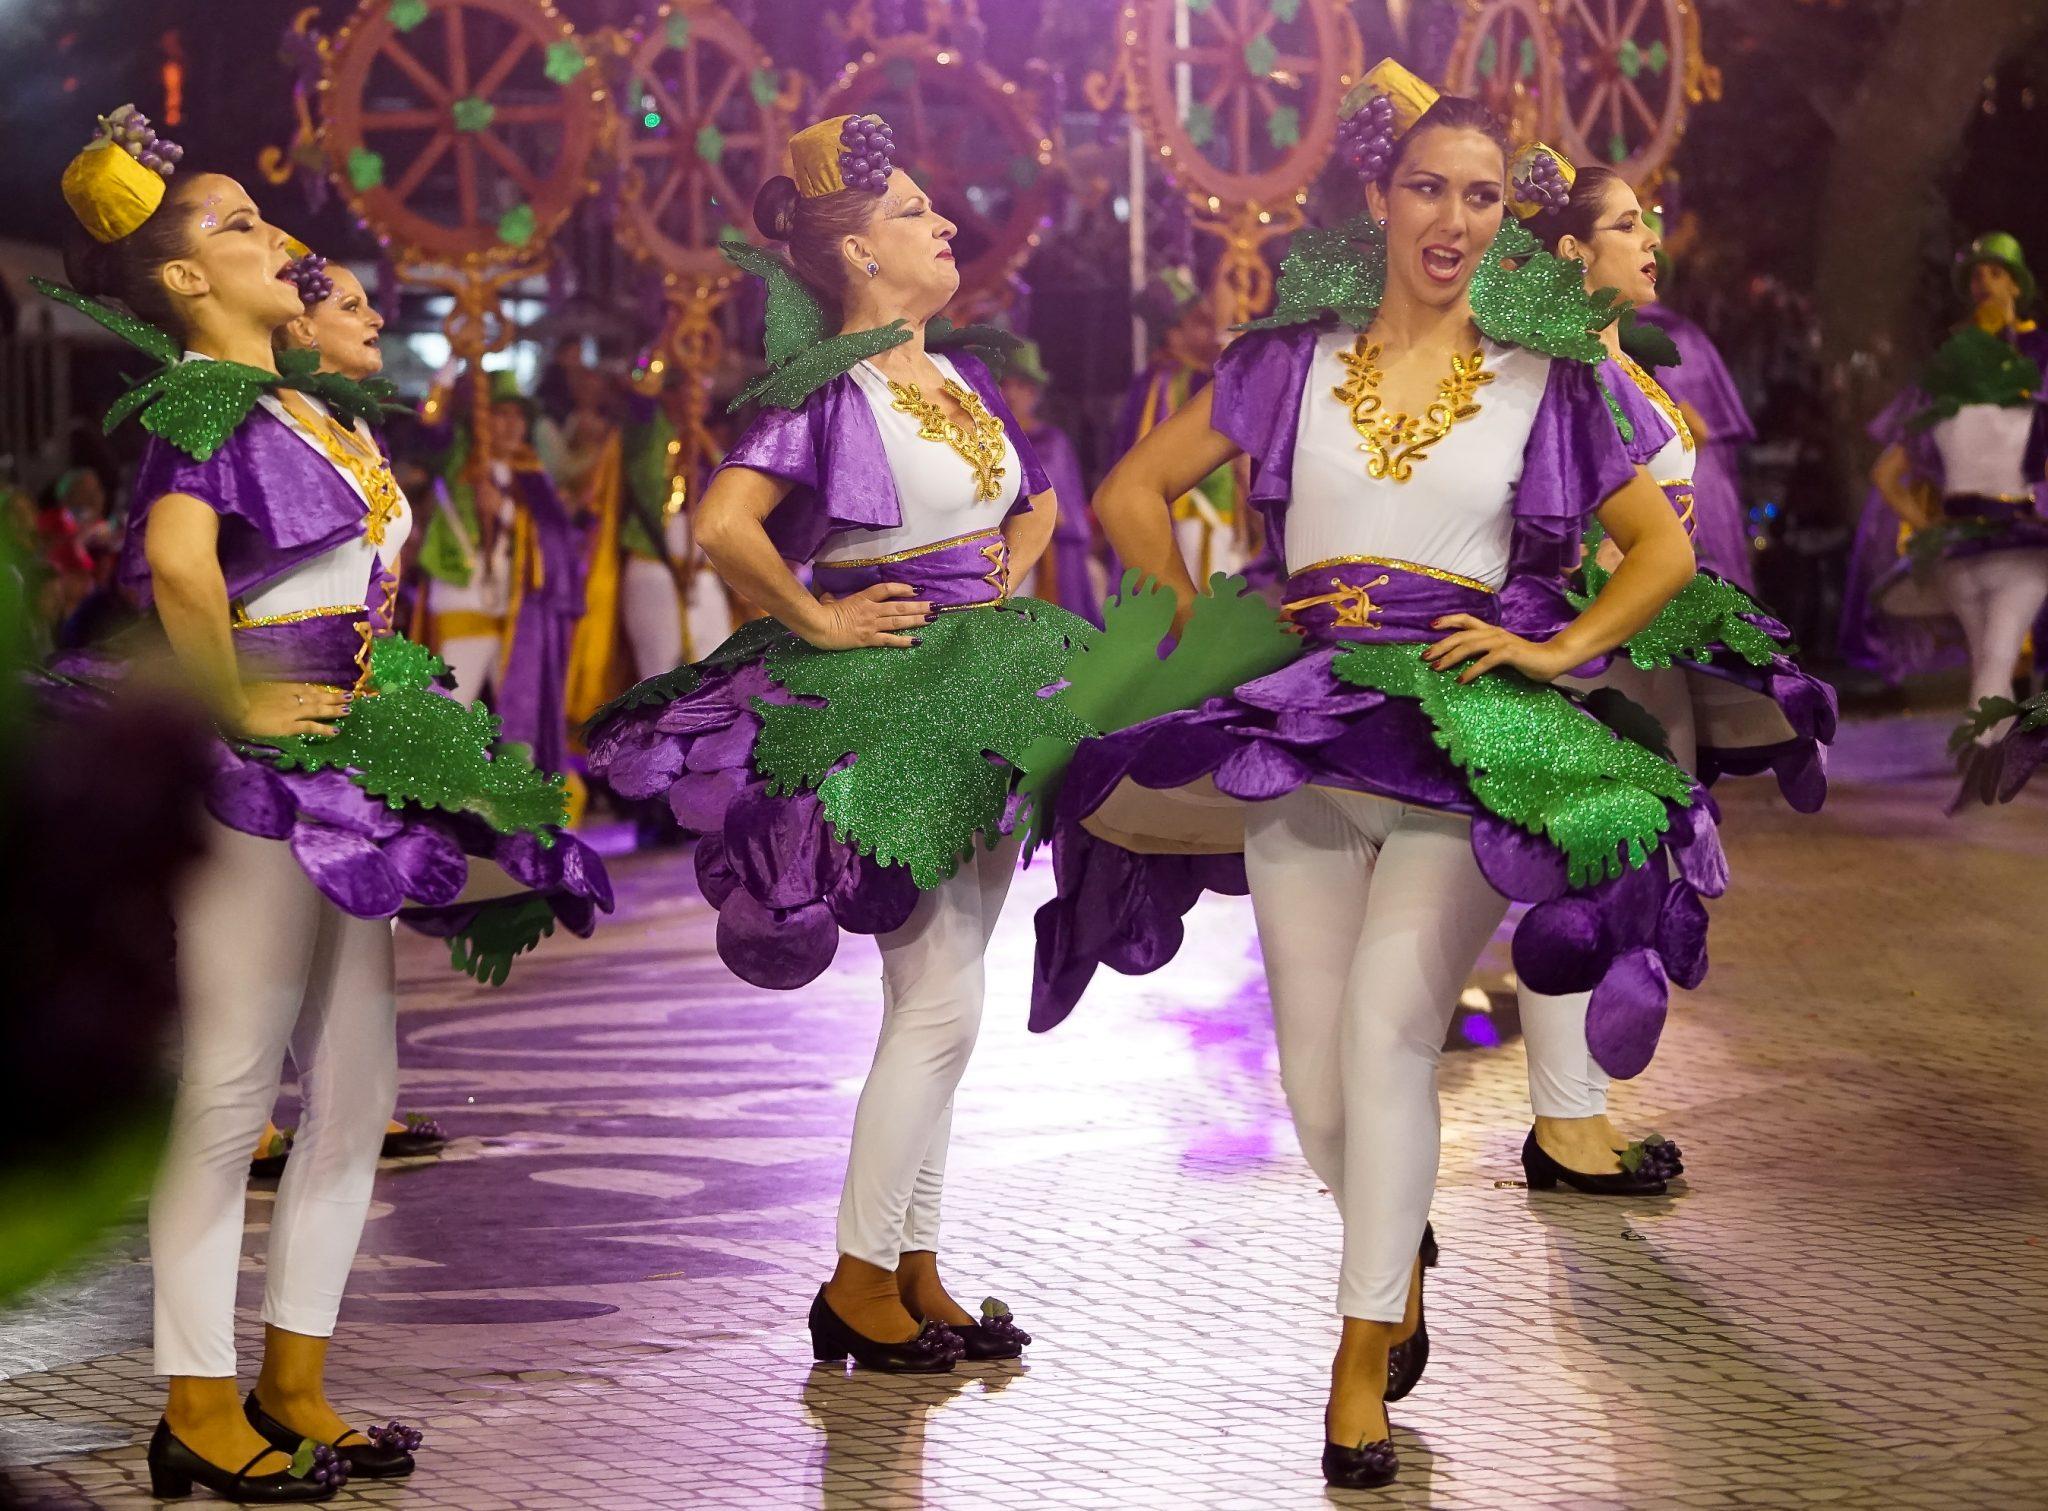 De frente para o observador, uma mulher canta e dança com roupa de cor branca, roxa e verde. Em segundo plano, de lado para o observador, três mulheres dançam.